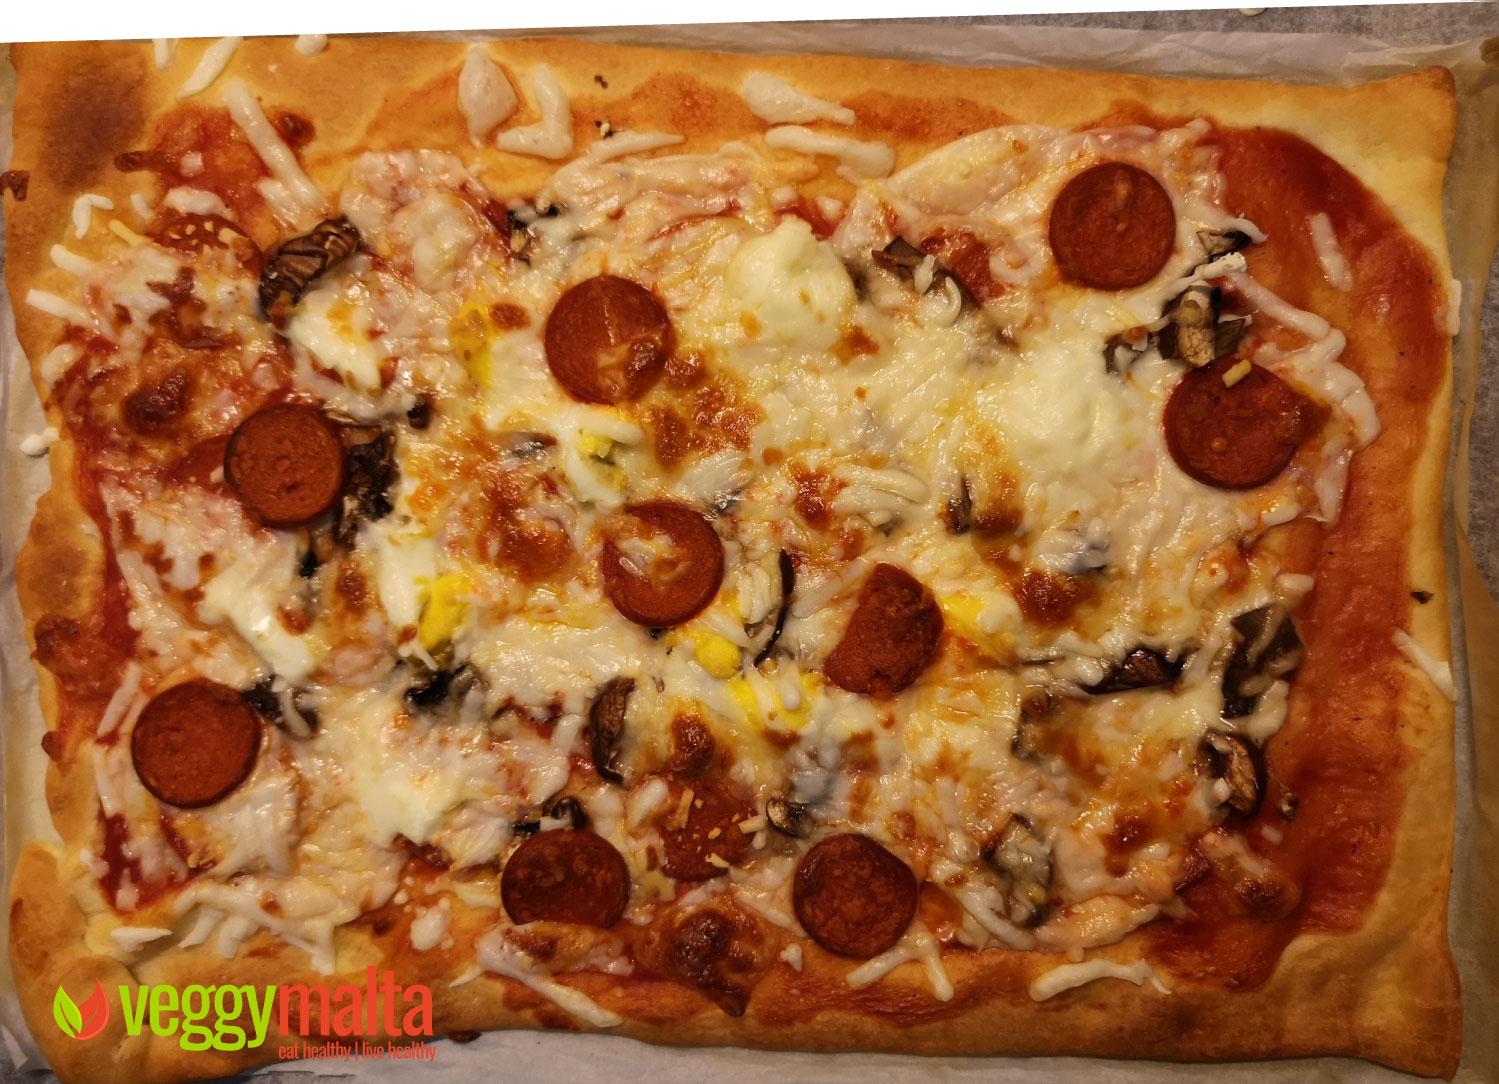 acqua-&-farina-vegan-pizza